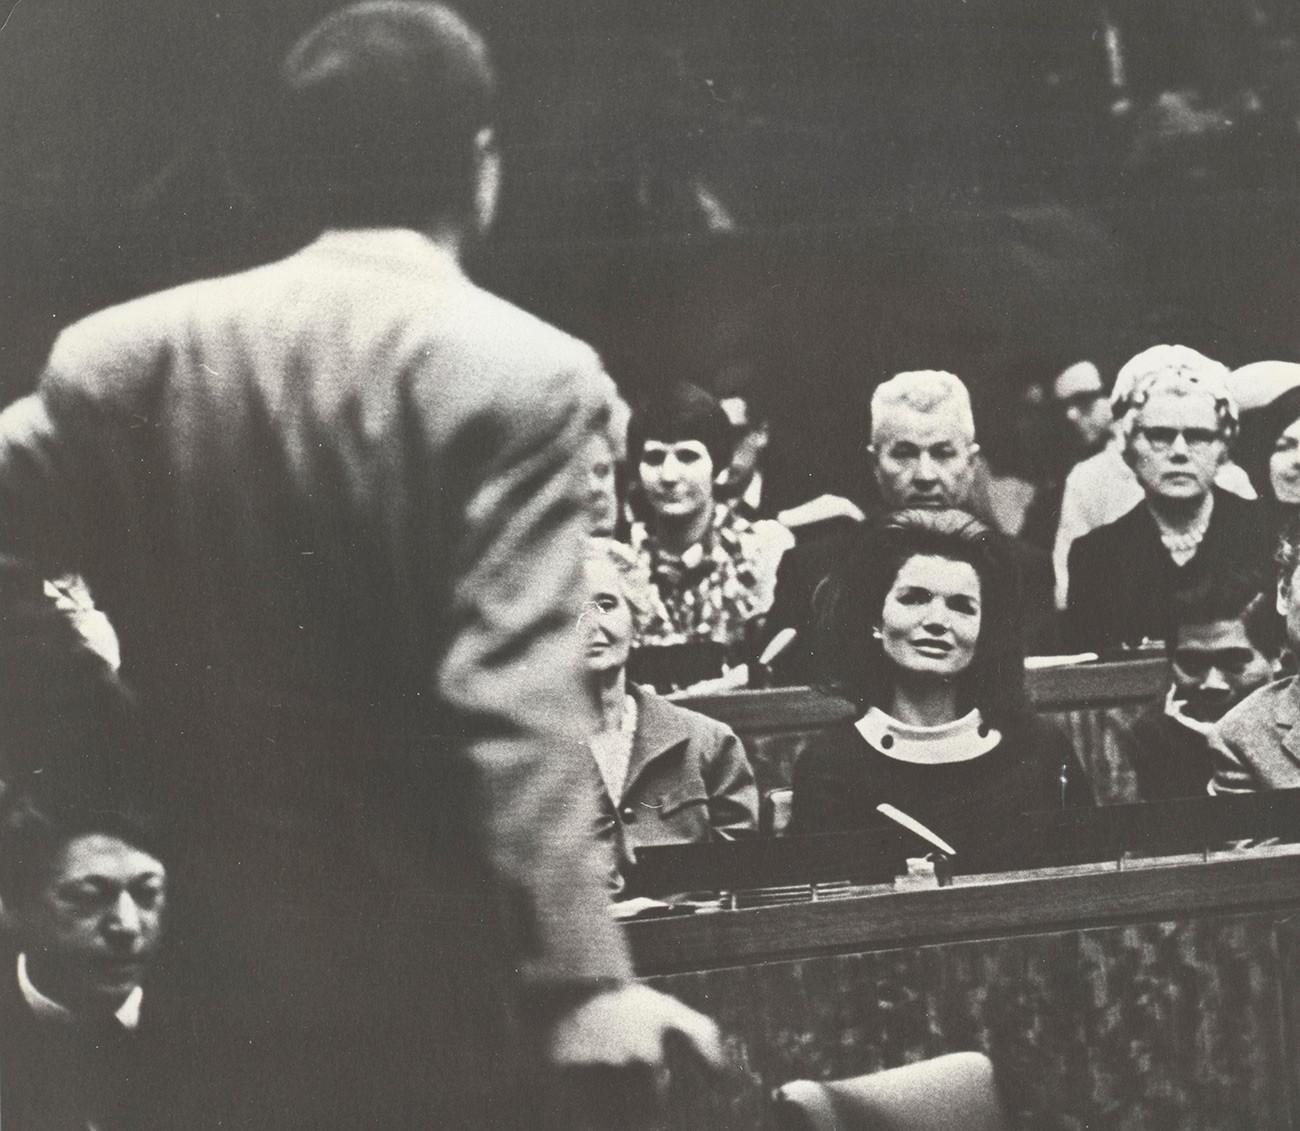 Жаклин Кеннеди слушает выступление Вознесенского на конференции в ООН в 1967